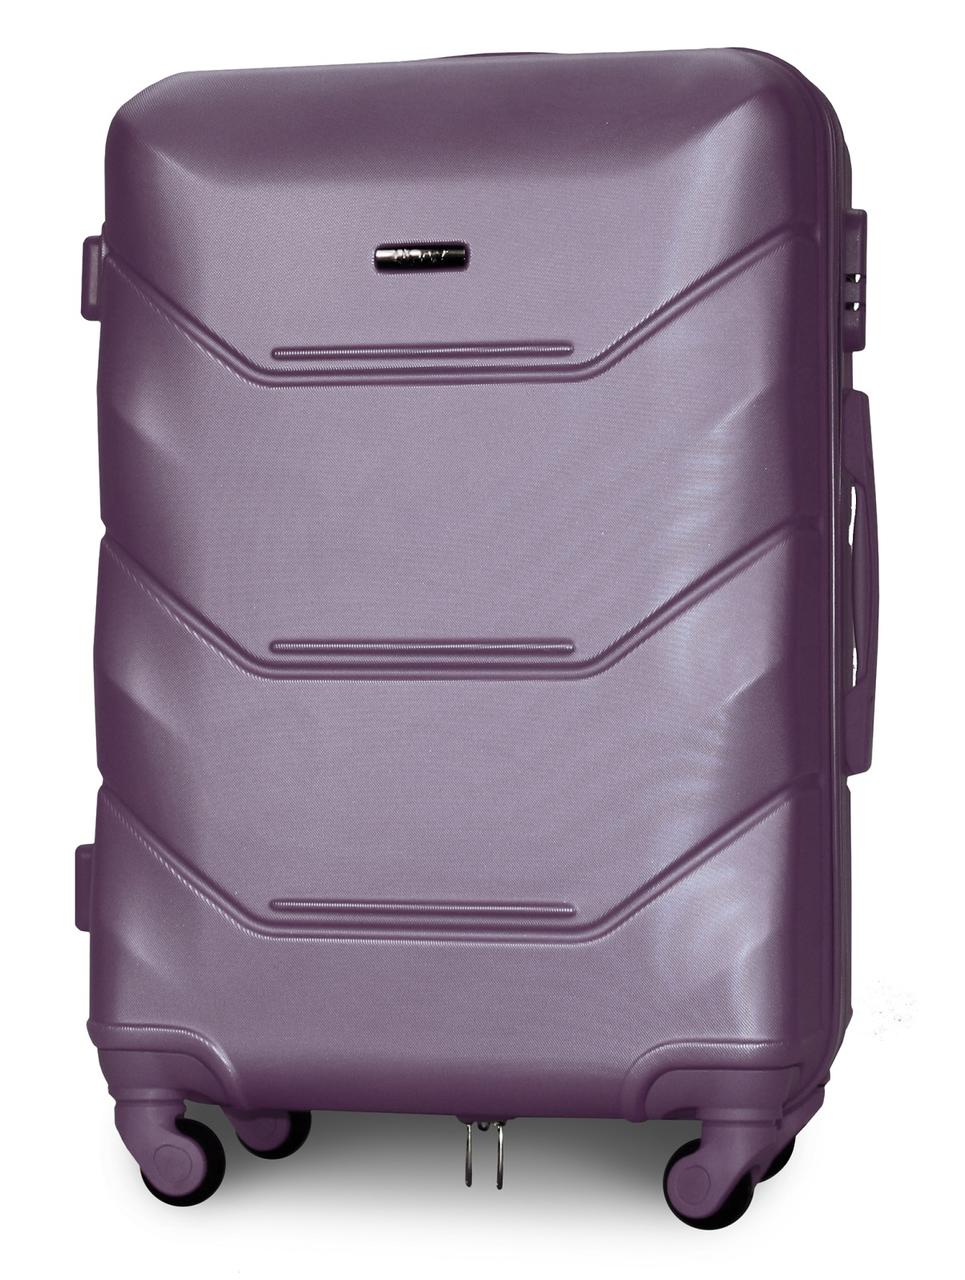 Чемодан Fly K147 средний 67х43х26 см 60л пластиковый на 4 колесах Cеребряно-фиолетовый